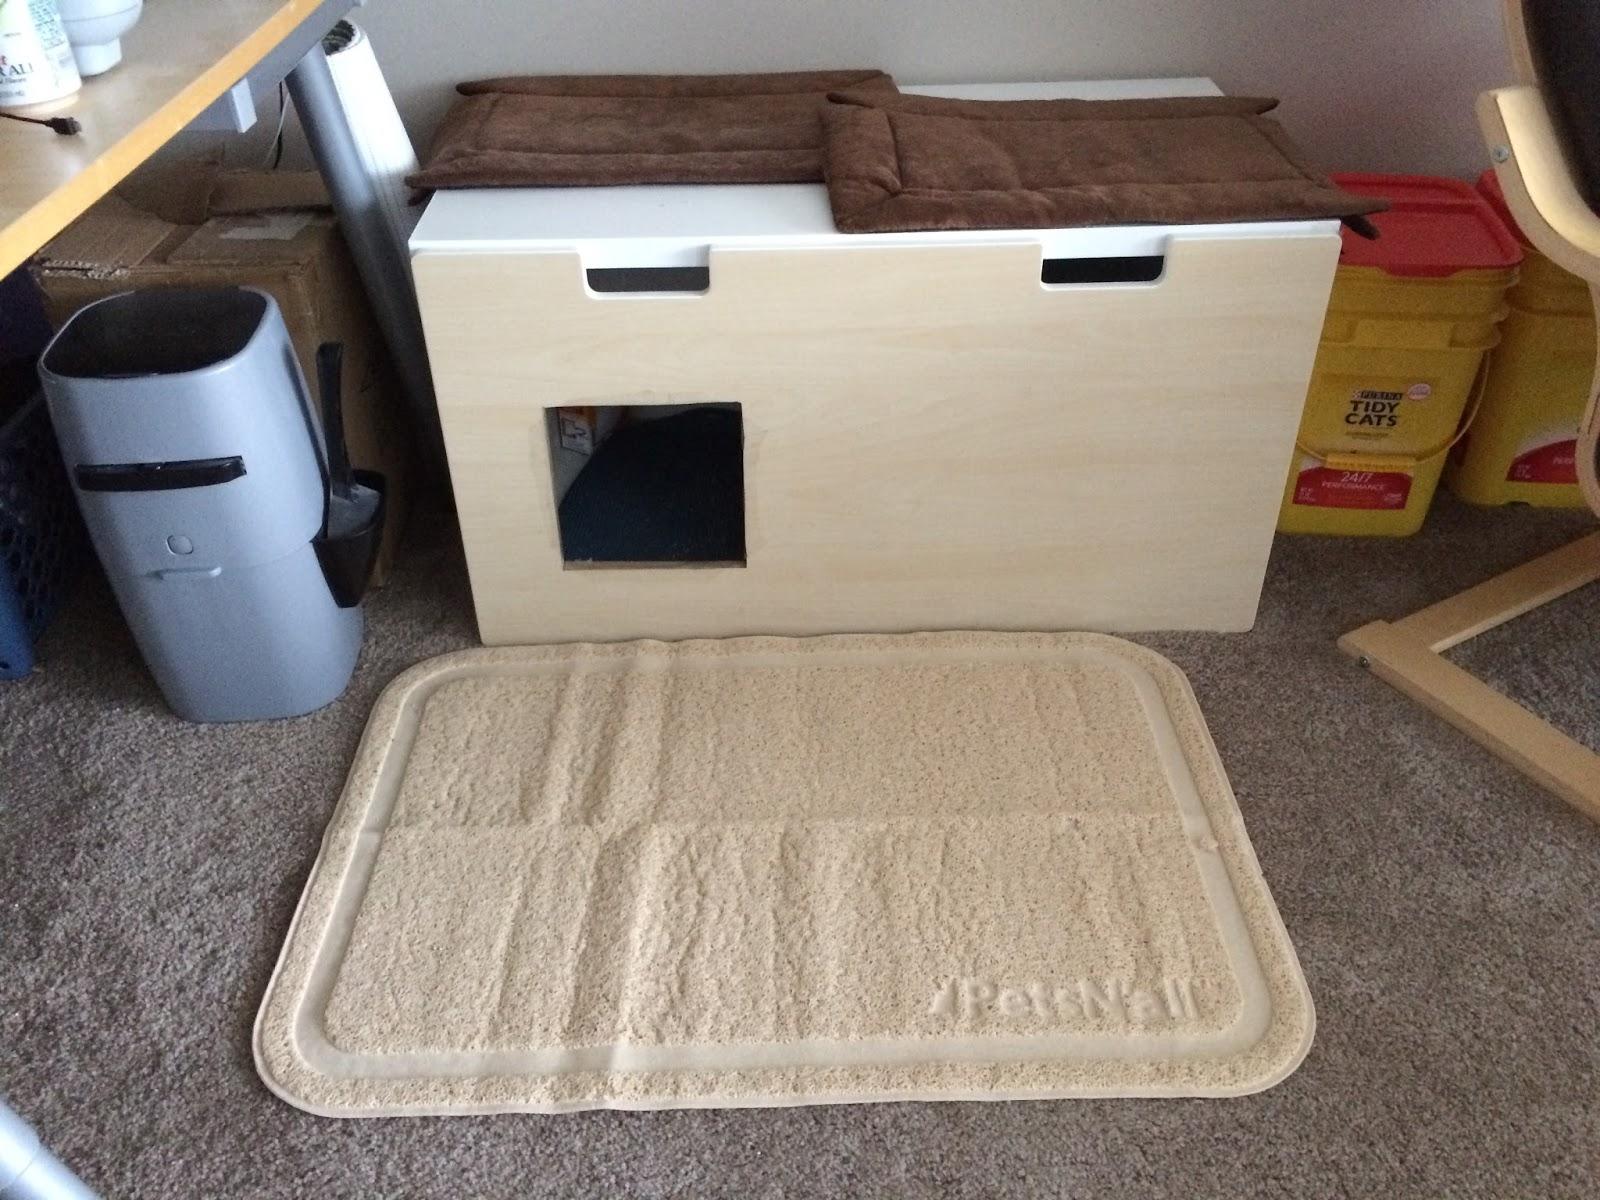 Inbox Storage Opslagruimte Voor Verandering Huisdieren